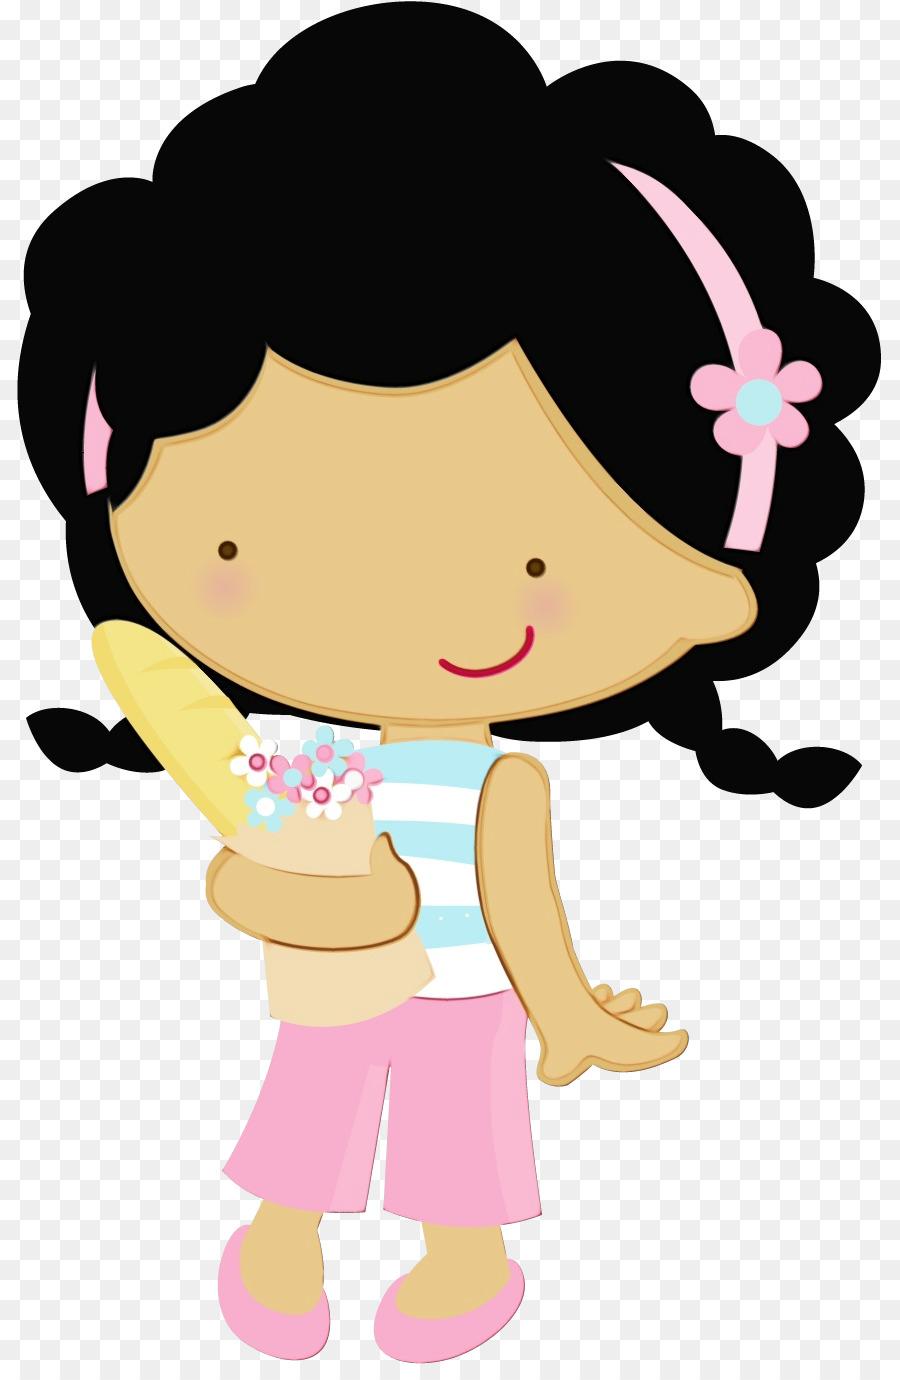 Descarga gratuita de La Mejilla, Rosa, De Dibujos Animados imágenes PNG